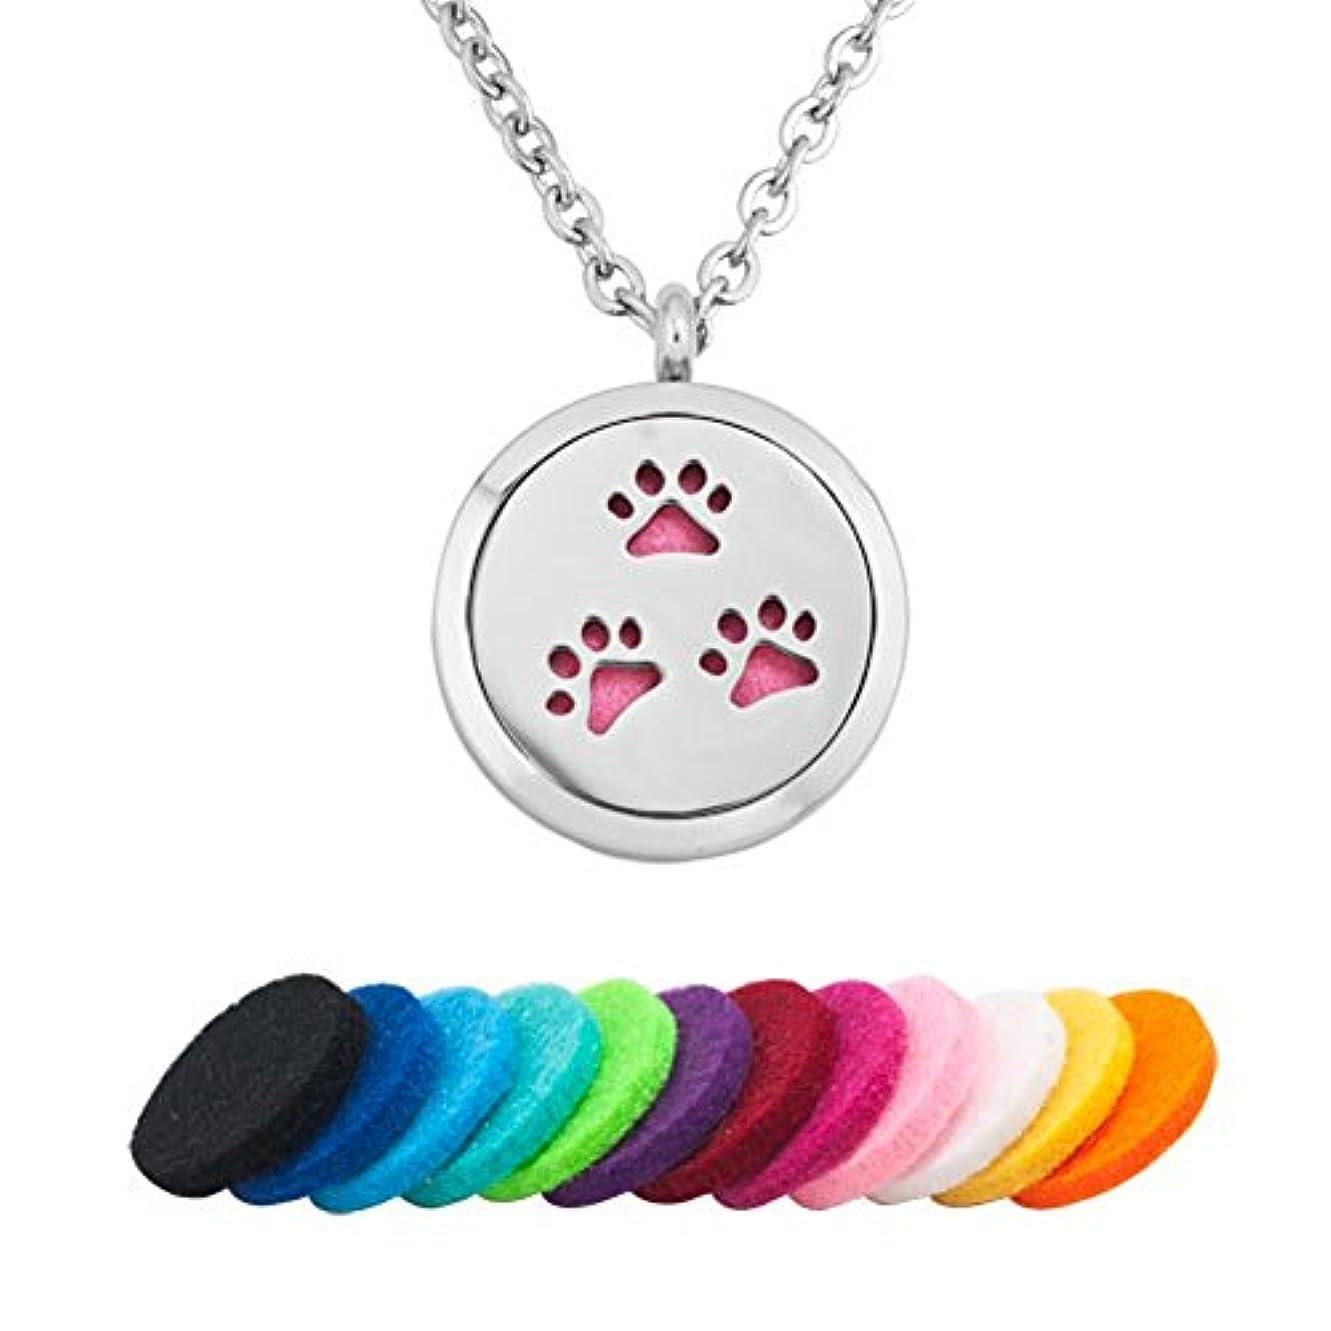 炎上支援支援q &ロケットLove犬PawprintステンレススチールプレミアムAromatherapy Essential Oil Diffuserロケットネックレス